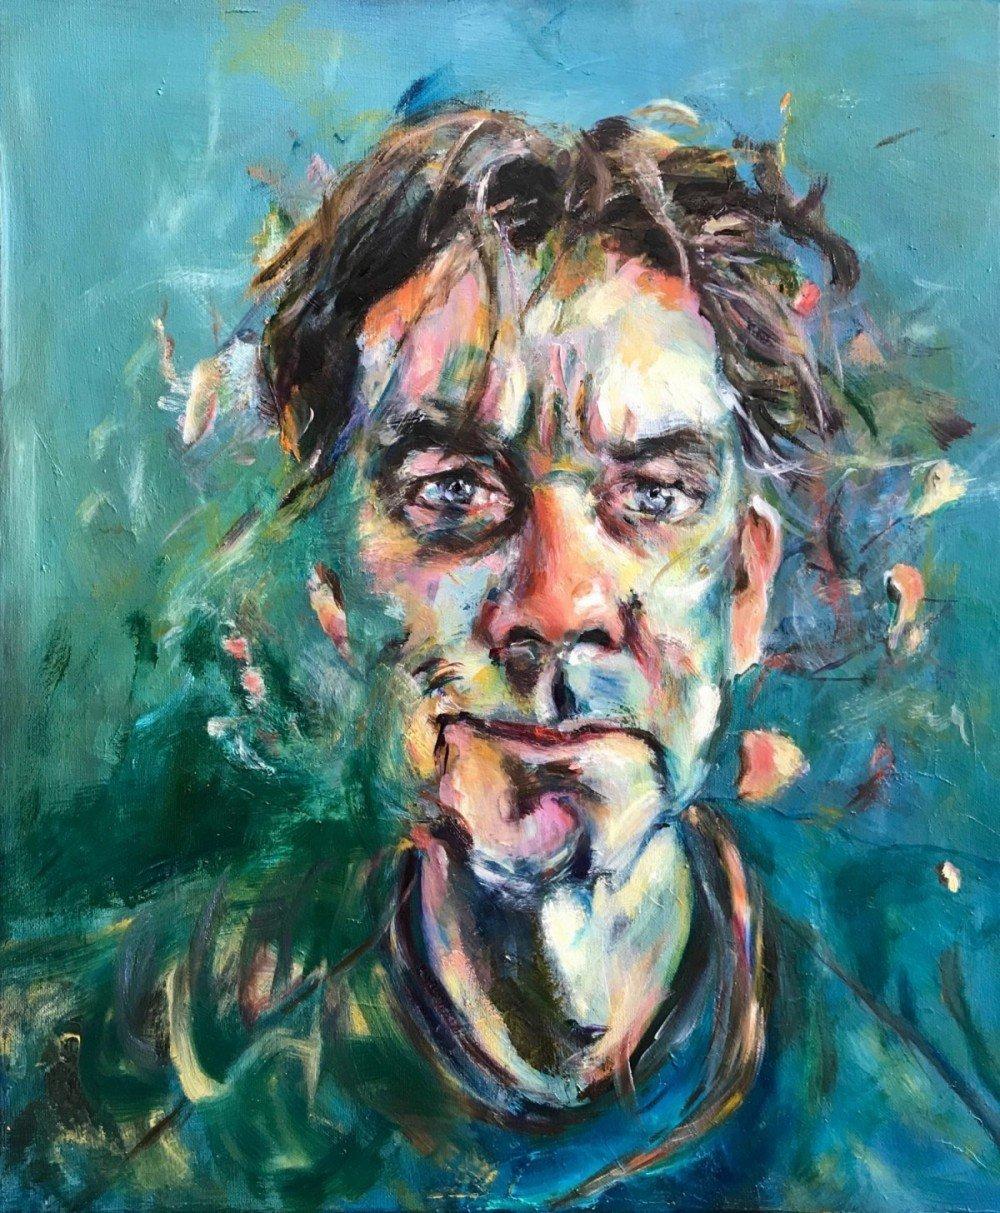 Portretten. Portret van Koos. Olieverf schilderij, 50 x 60 cm